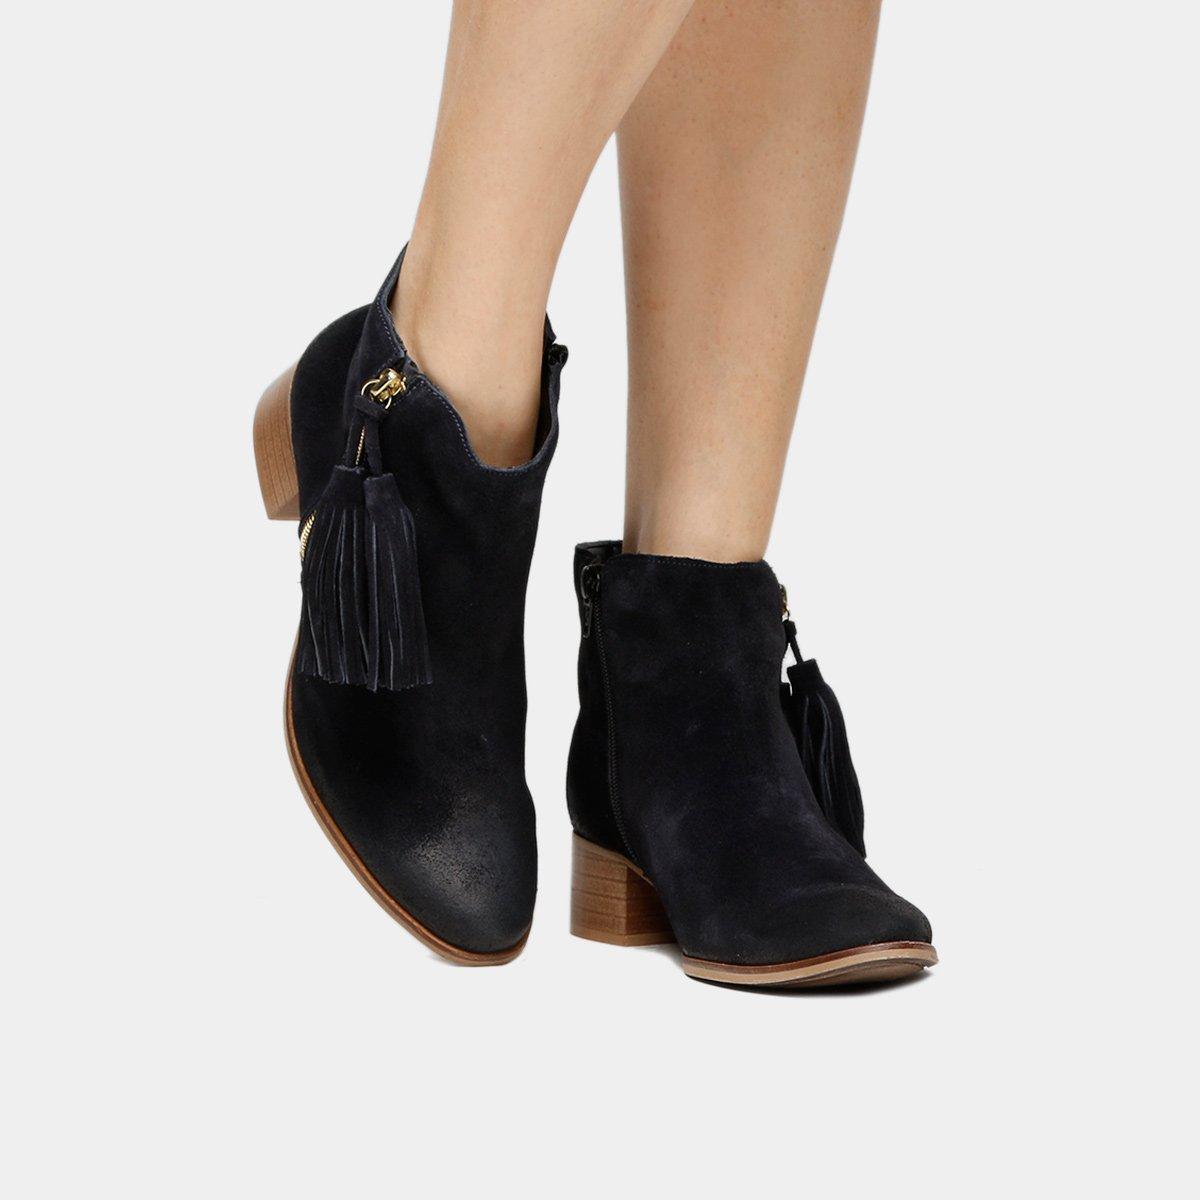 7aaf84655 Bota Couro Cano Curto Shoestock Barbicacho Feminino - Compre Agora ...